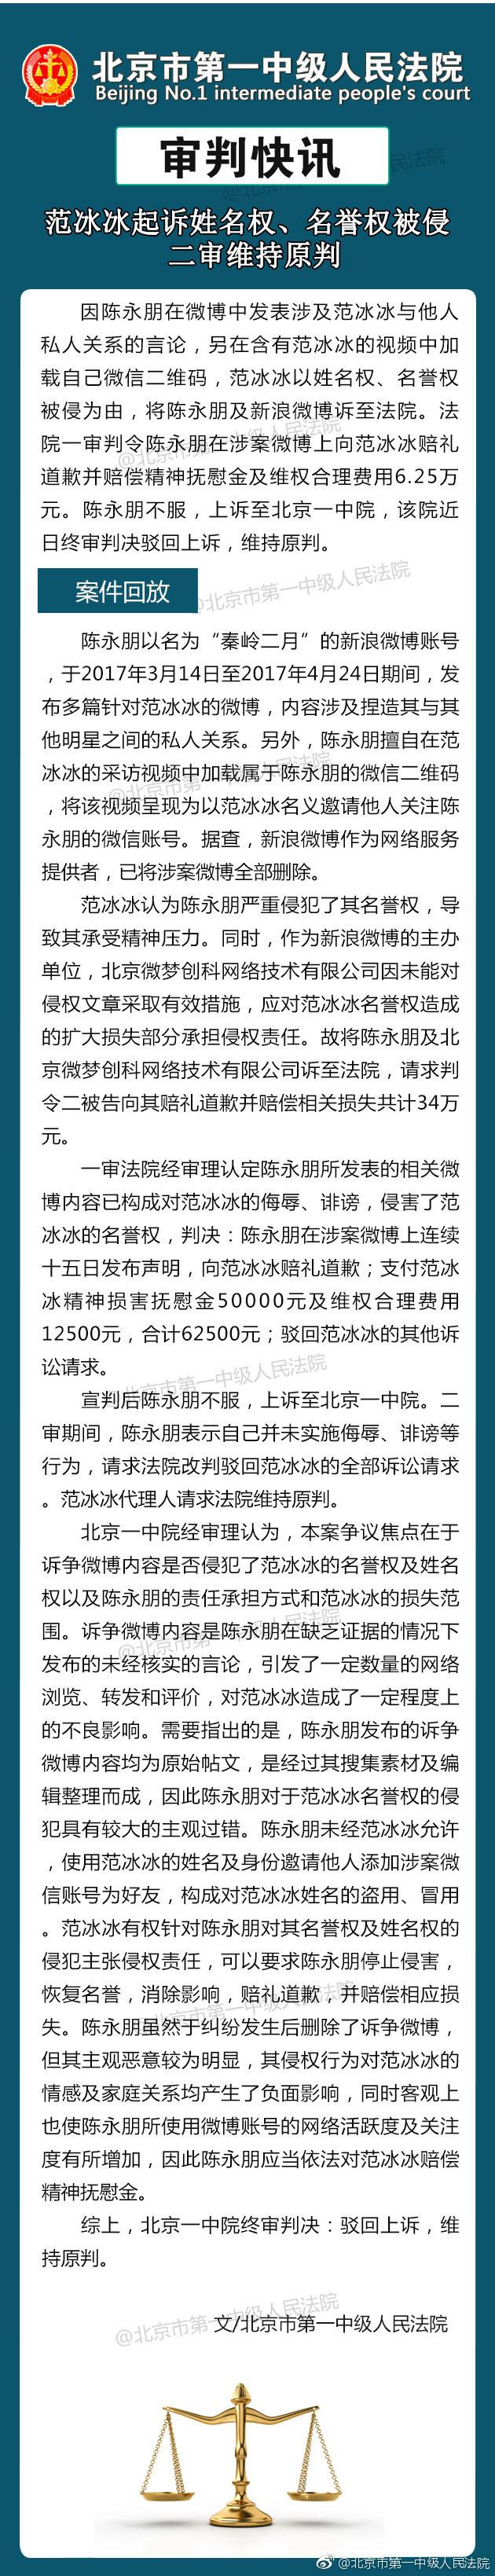 范冰冰姓名权名誉权案二审宣判